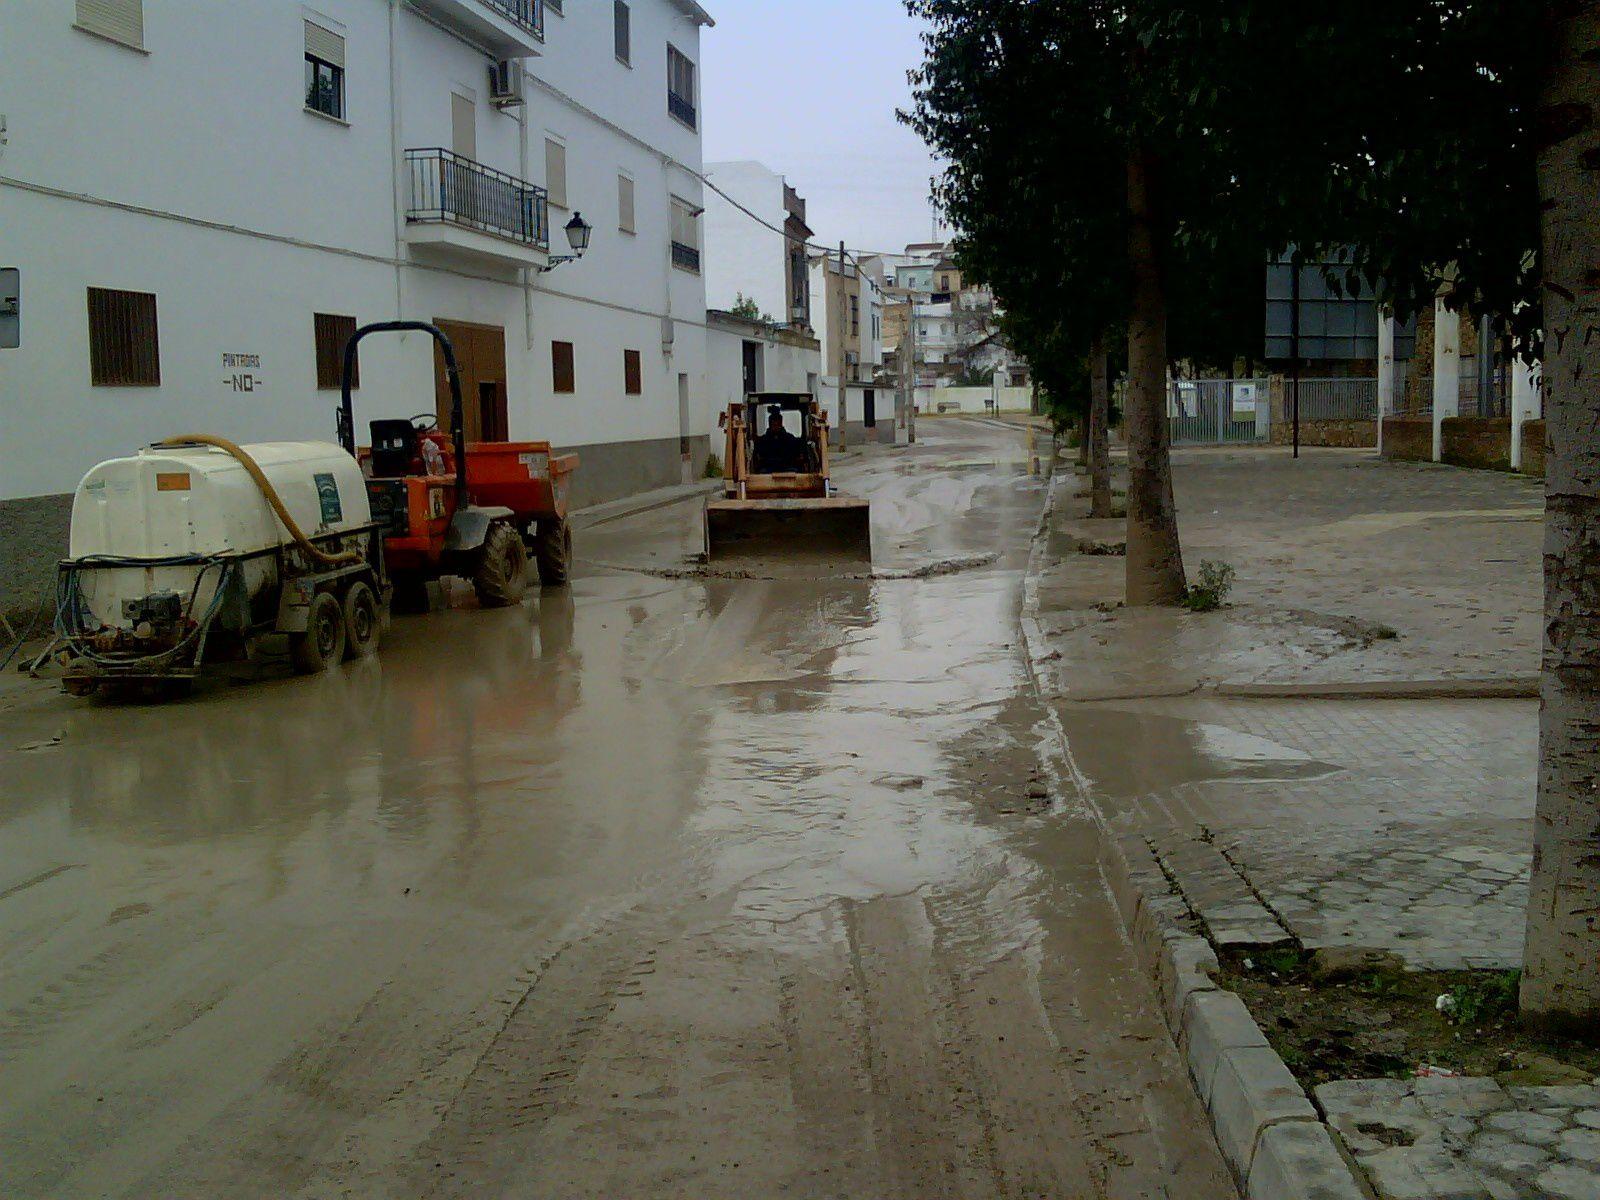 Inundaciones Badolatosa Marzo 2010